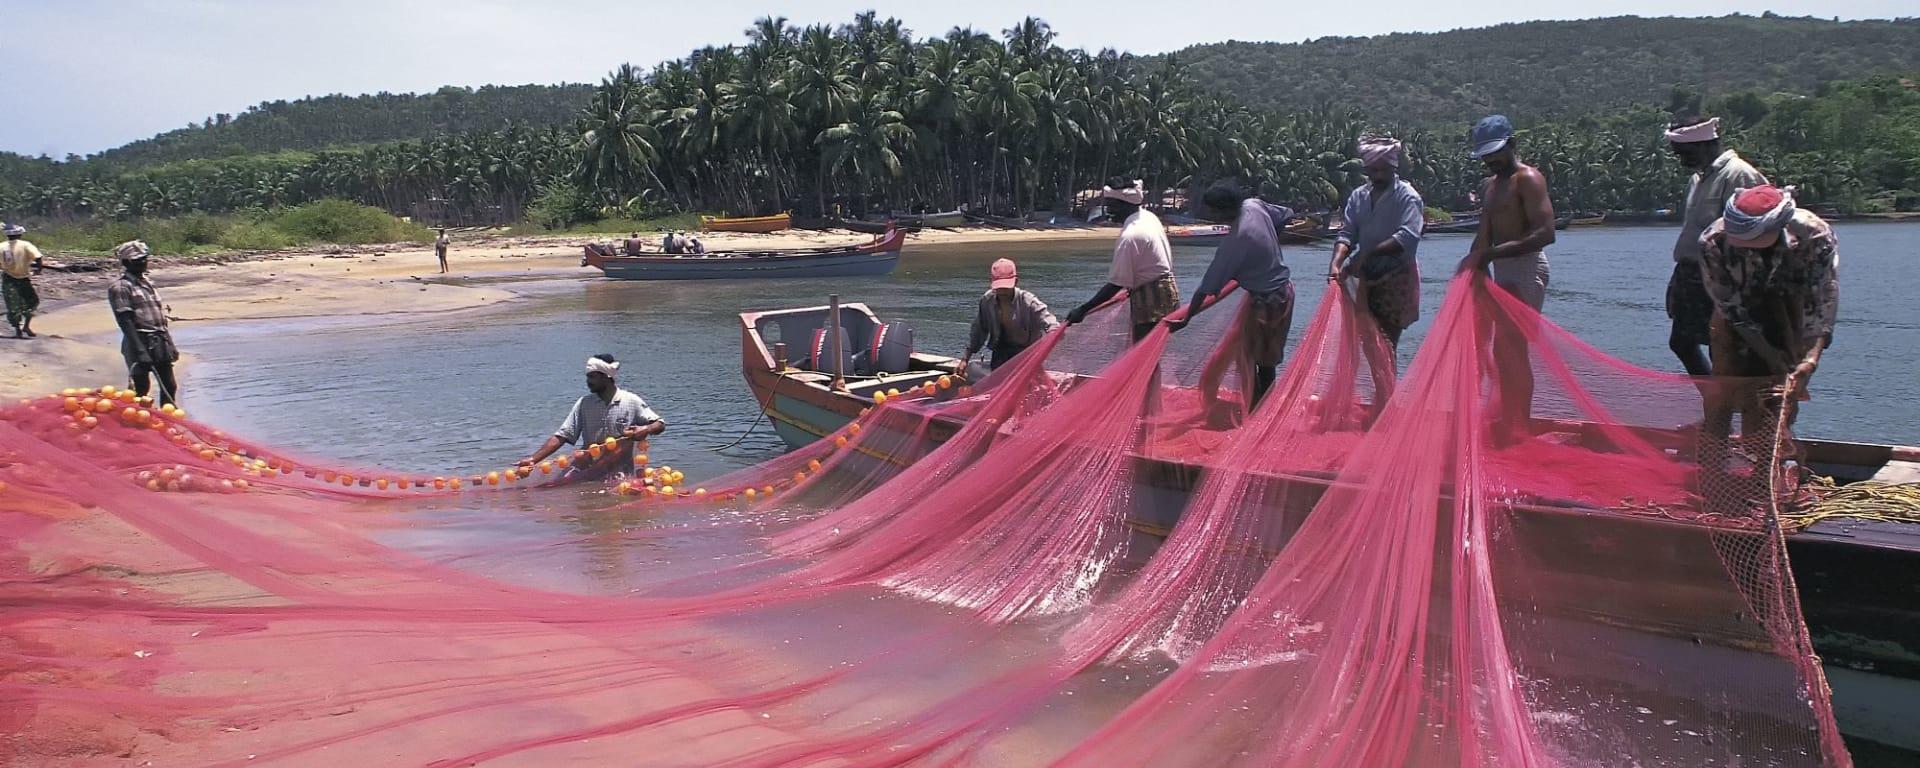 Höhepunkte Südindiens ab Chennai: Kerala: Fishermen